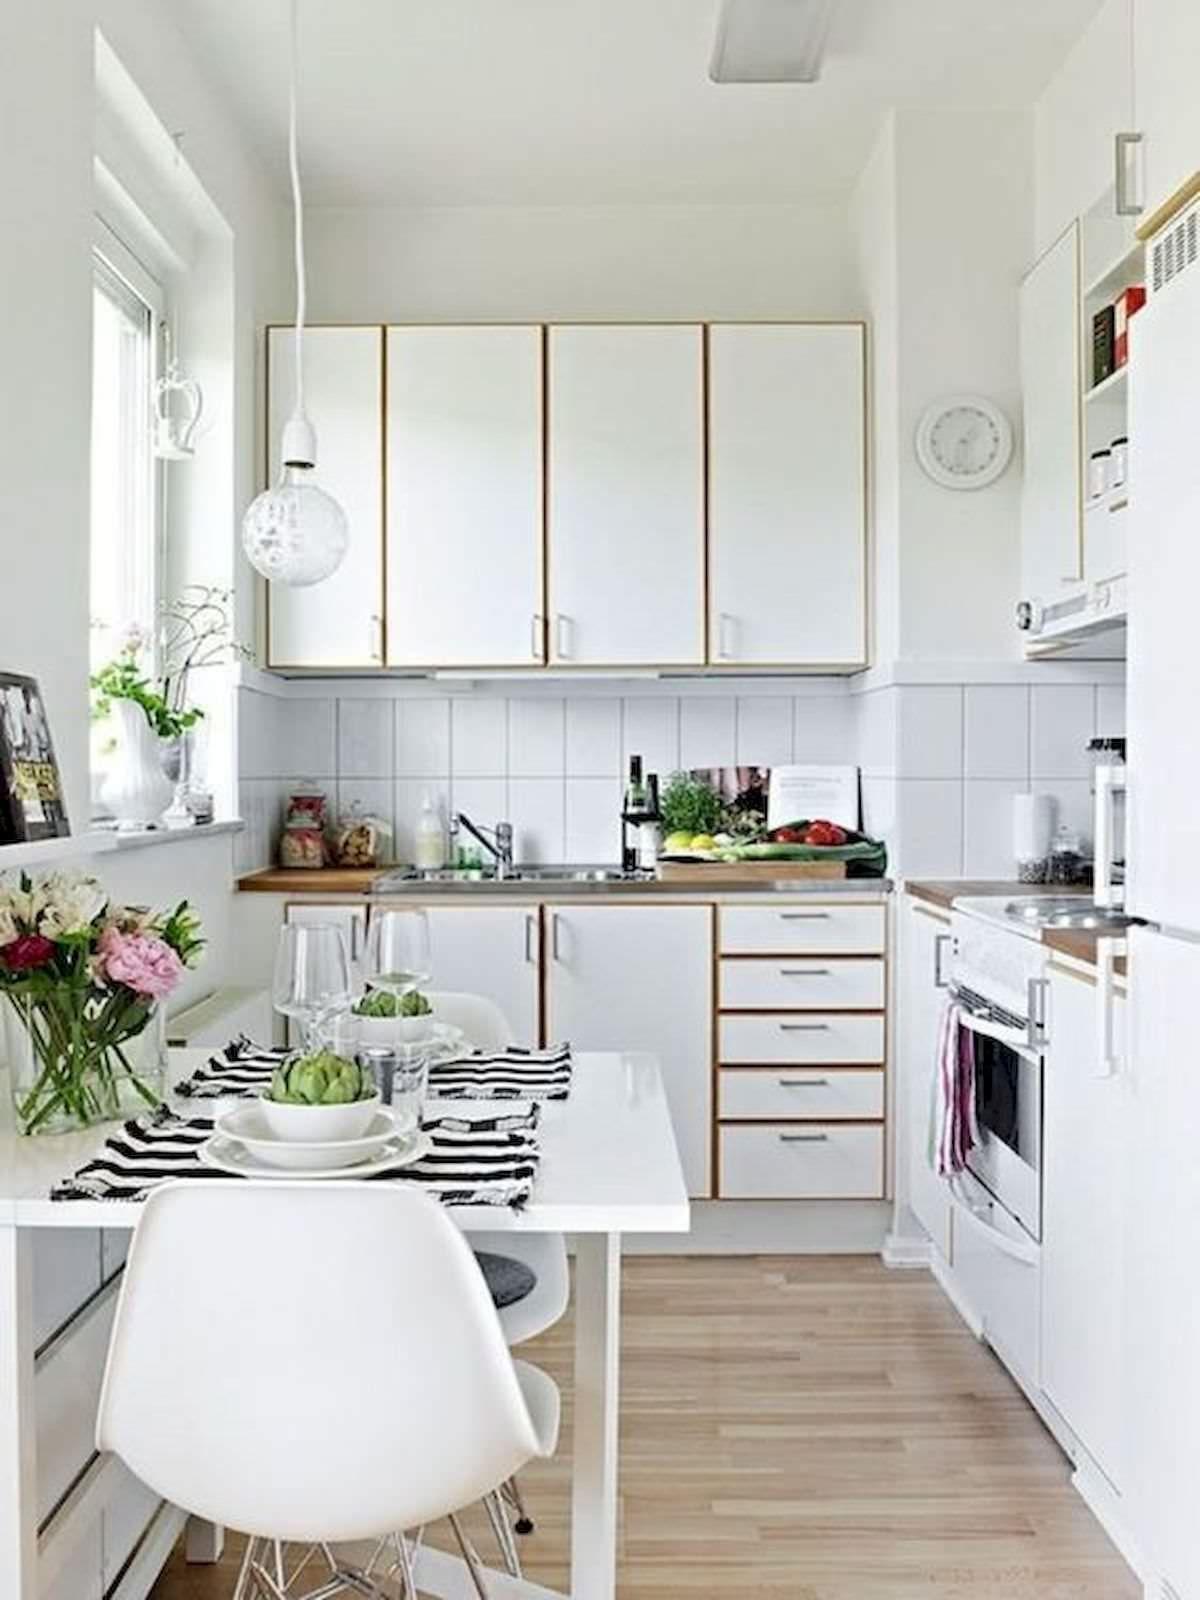 Informazione: Arredare Cucina Soggiorno 25 Mq